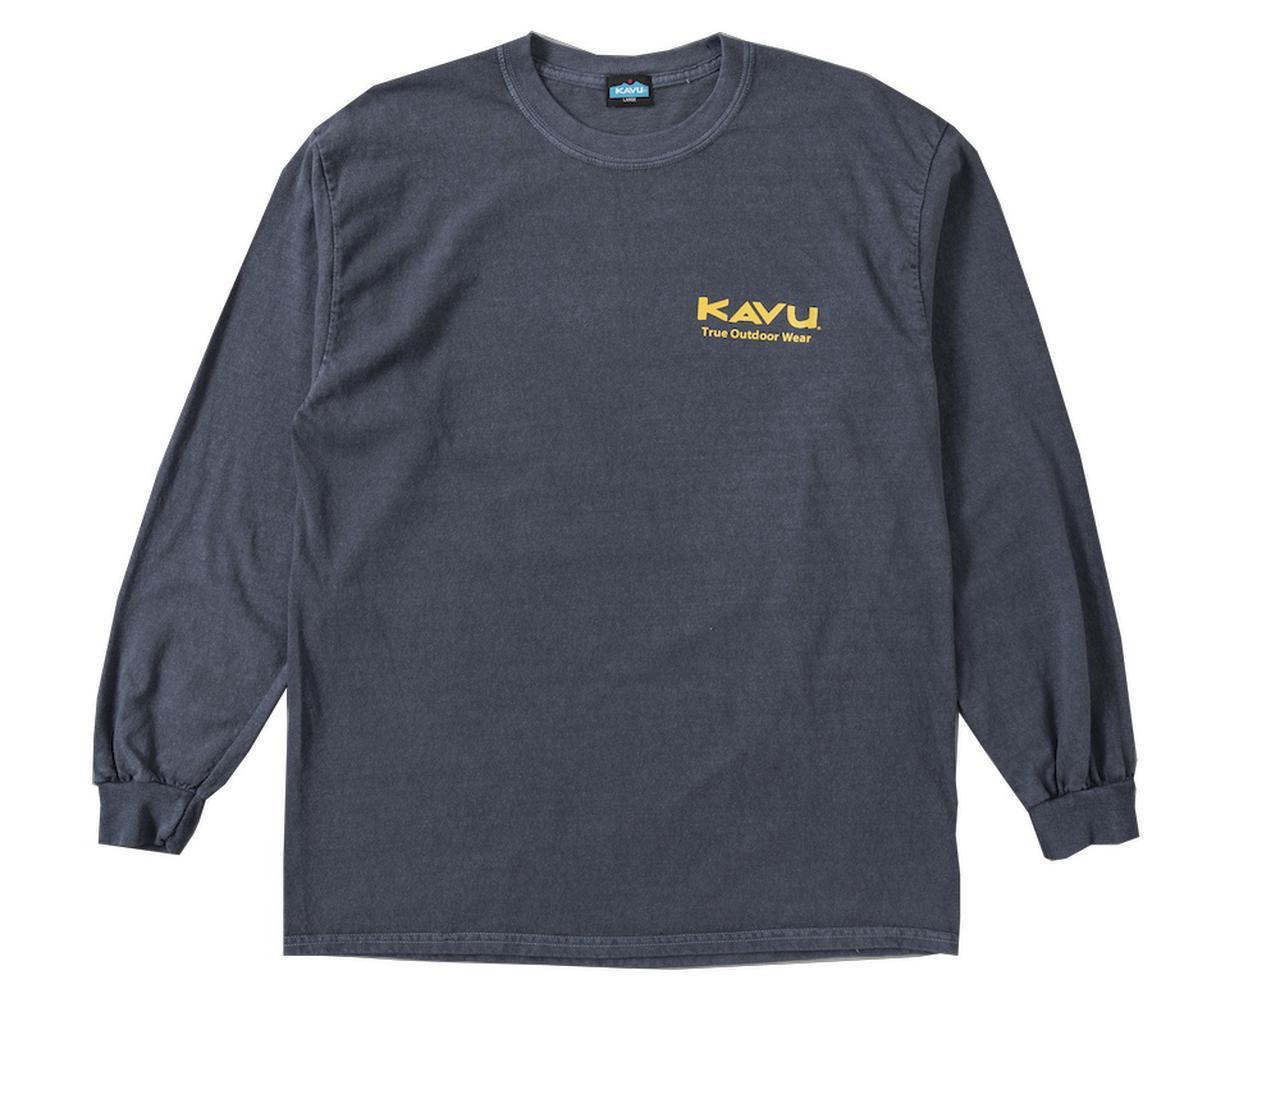 画像2: ロゴTシャツ&スウェット by KAVU(カブー)